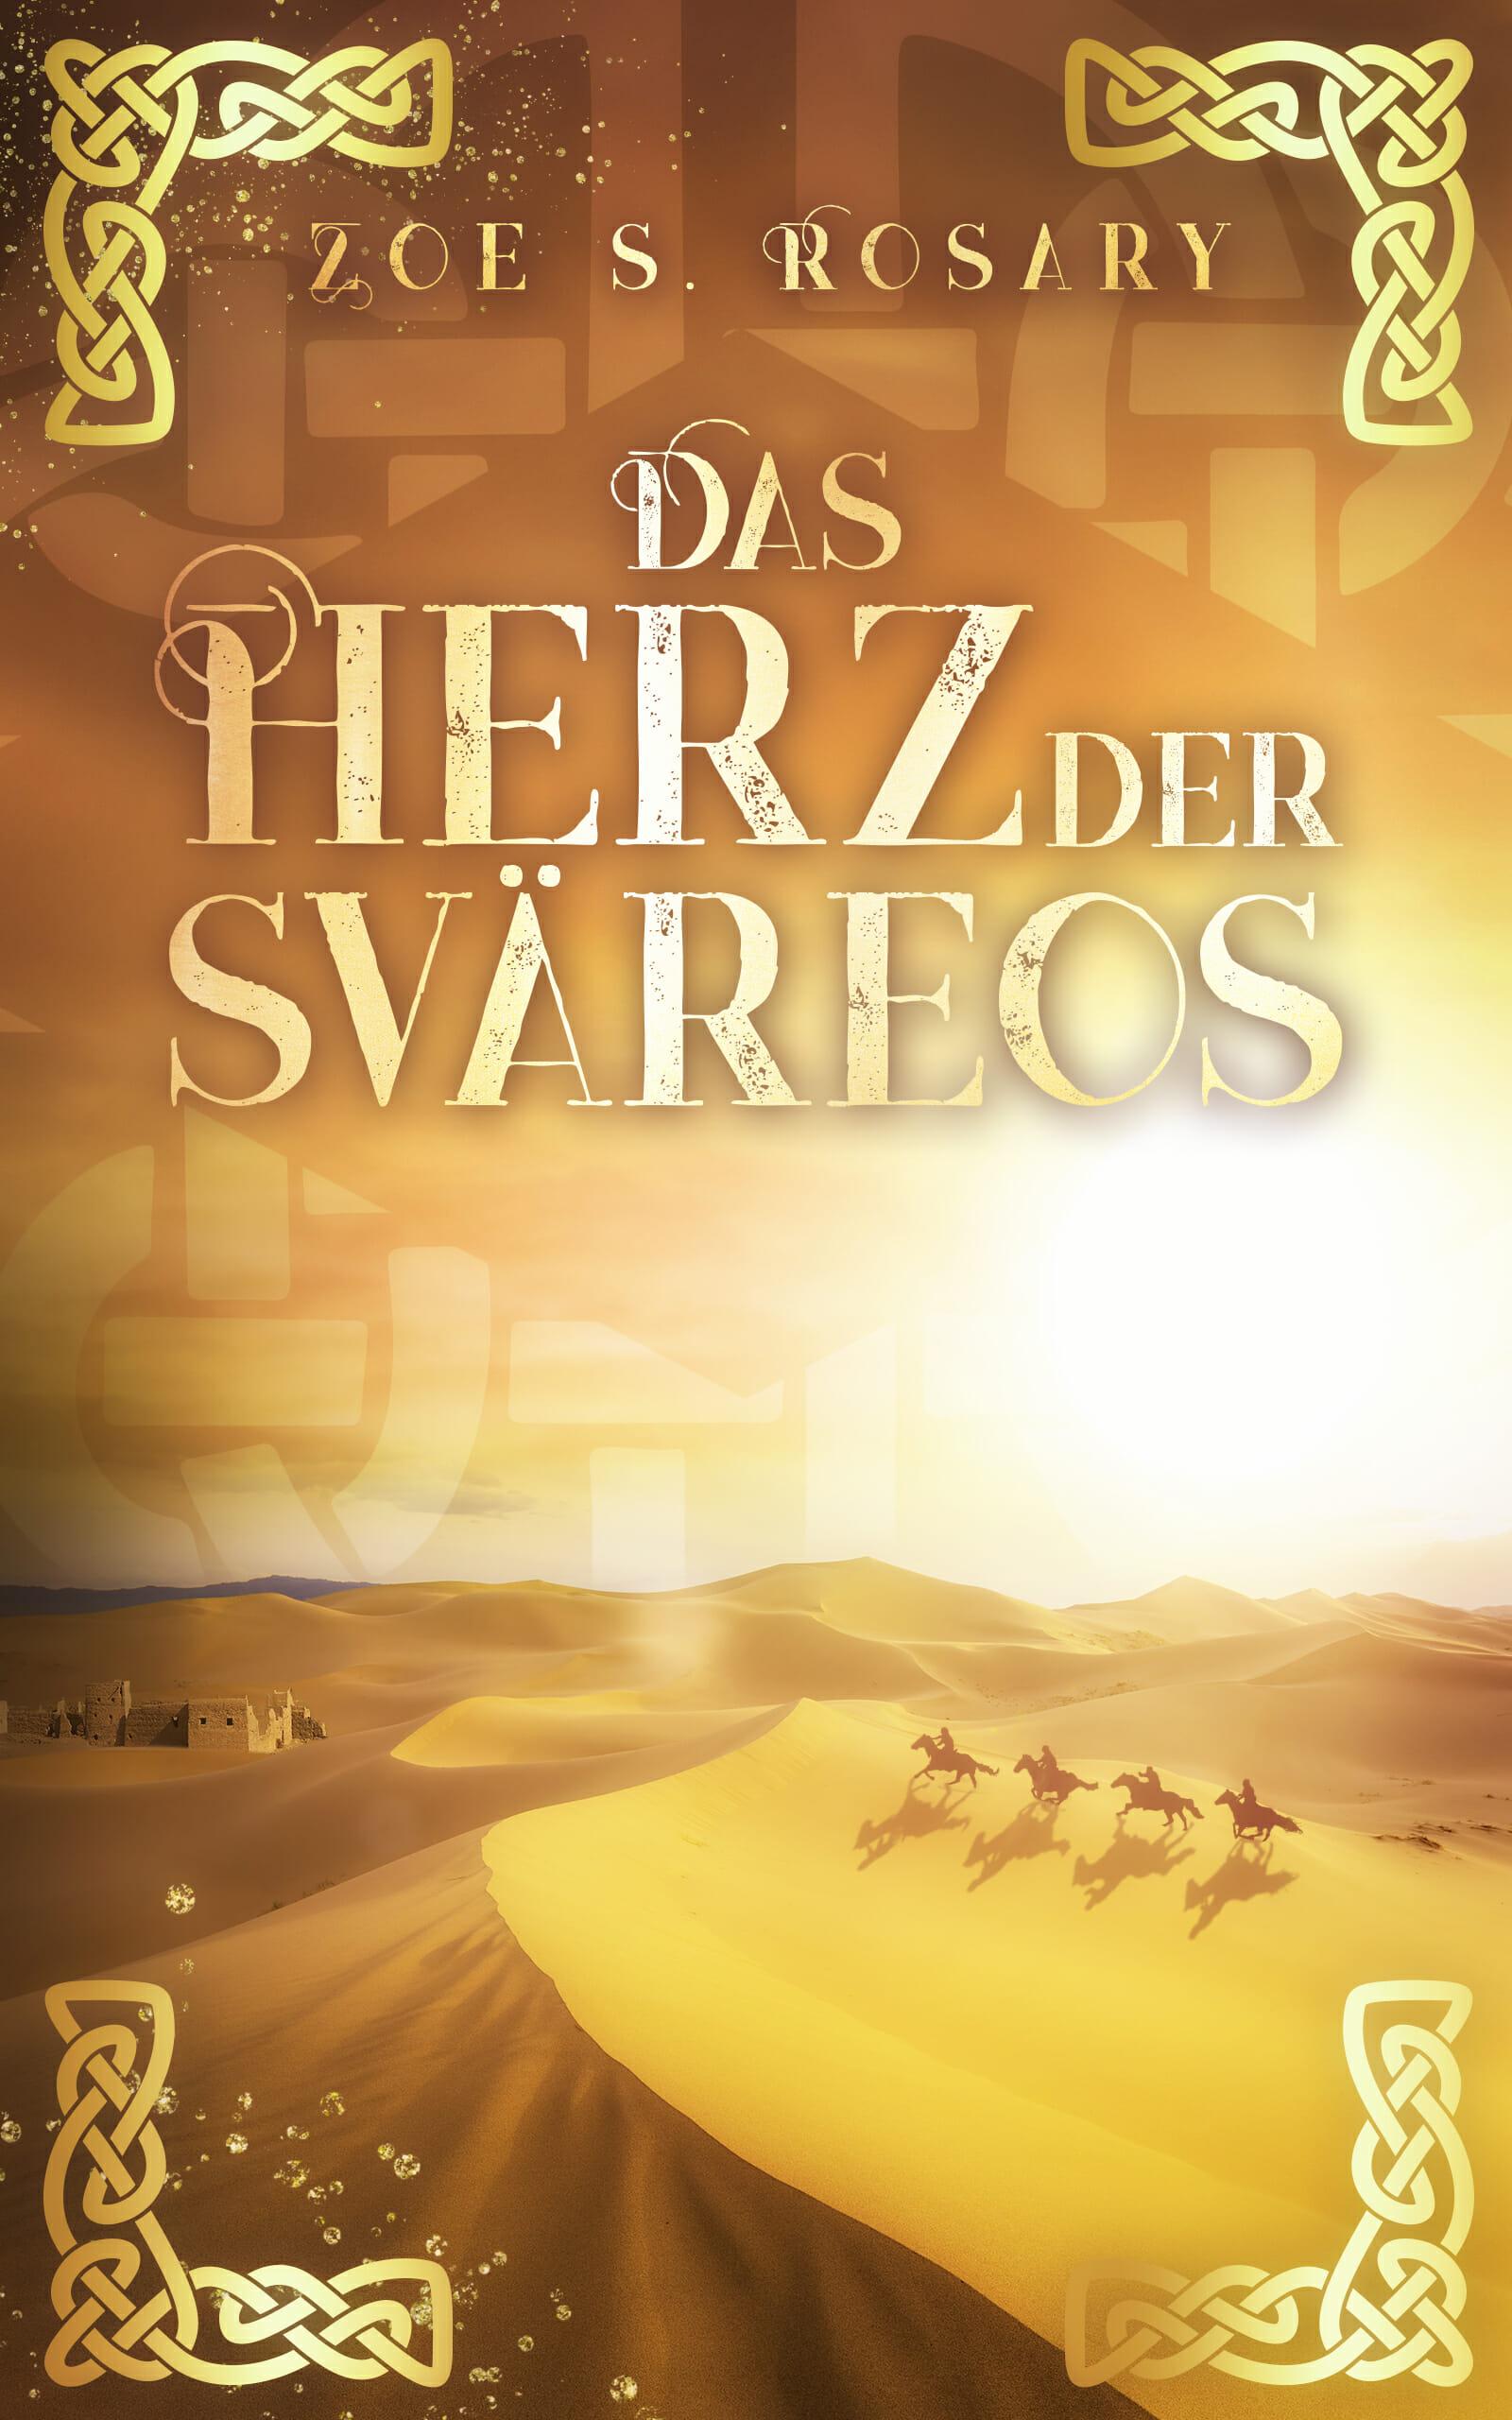 News - Eyaland - Das Herz der Sväreos - Fantasyautorin Zoe S. Rosary - Informationen im Überblick